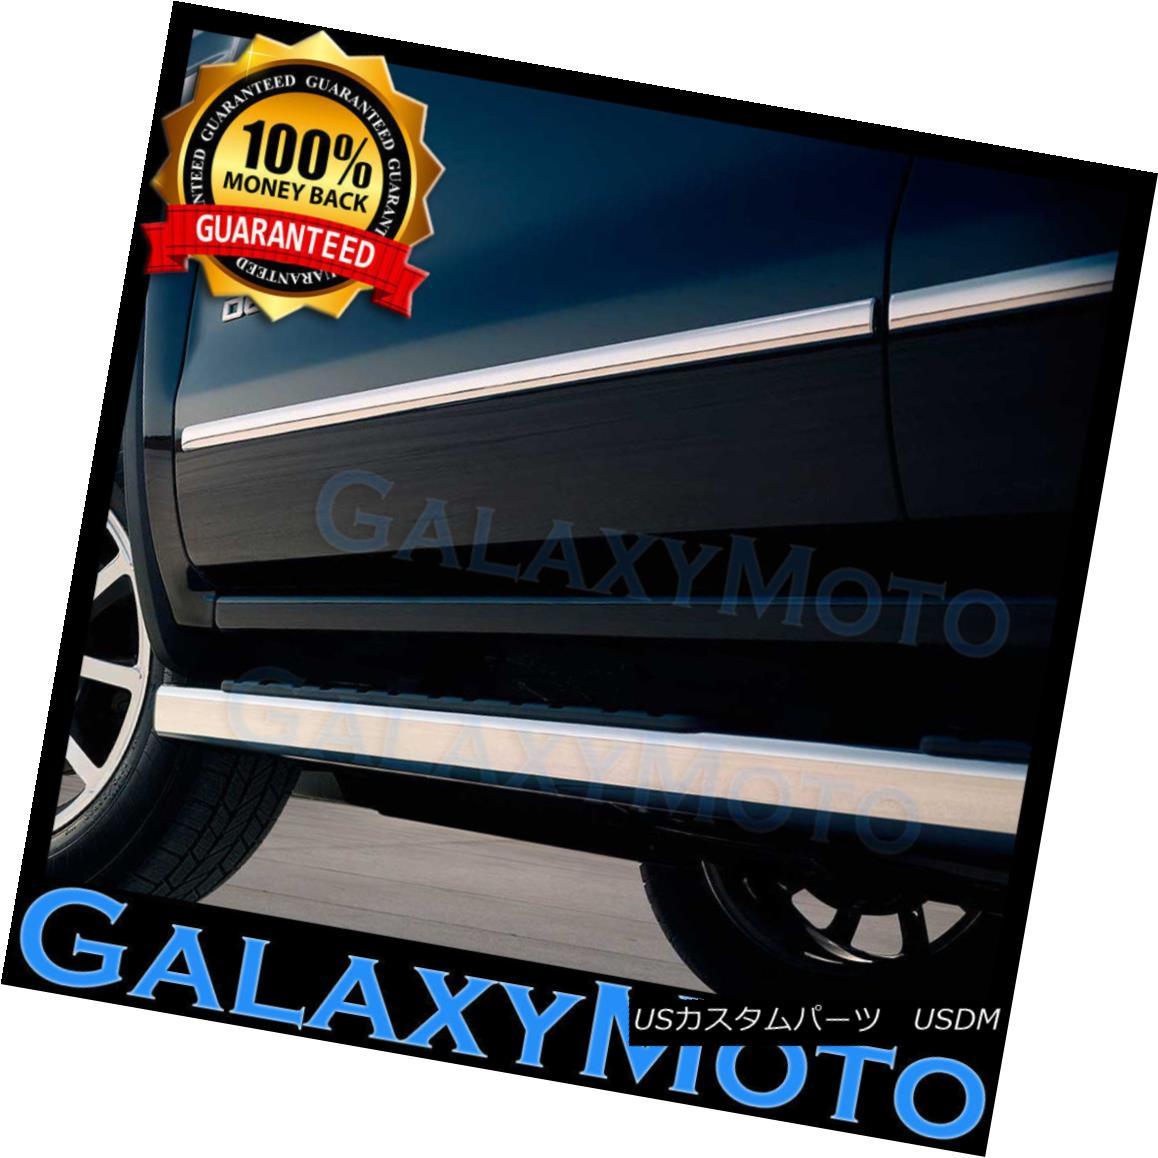 グリル 15-16 Chevy Tahoe SUV 4 Door Chrome Body Side Molding Front+Rear 4pcs Set 15-16 Chevy Tahoe SUV 4ドアクロームボディサイドモールディングフロント+リア4本セット